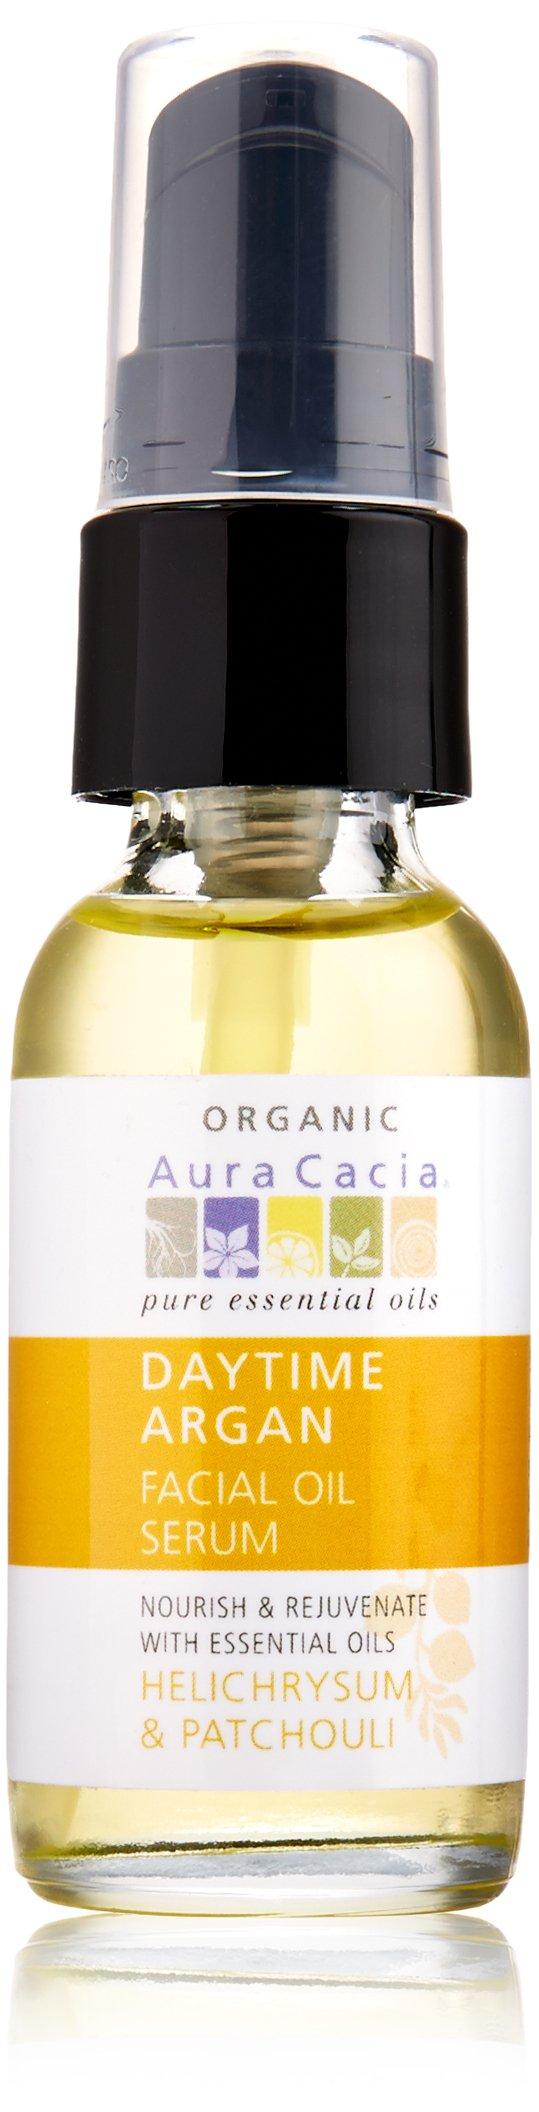 Aura Cacia Daytime Argan Facial Oil Serum, 1 Fluid Ounce